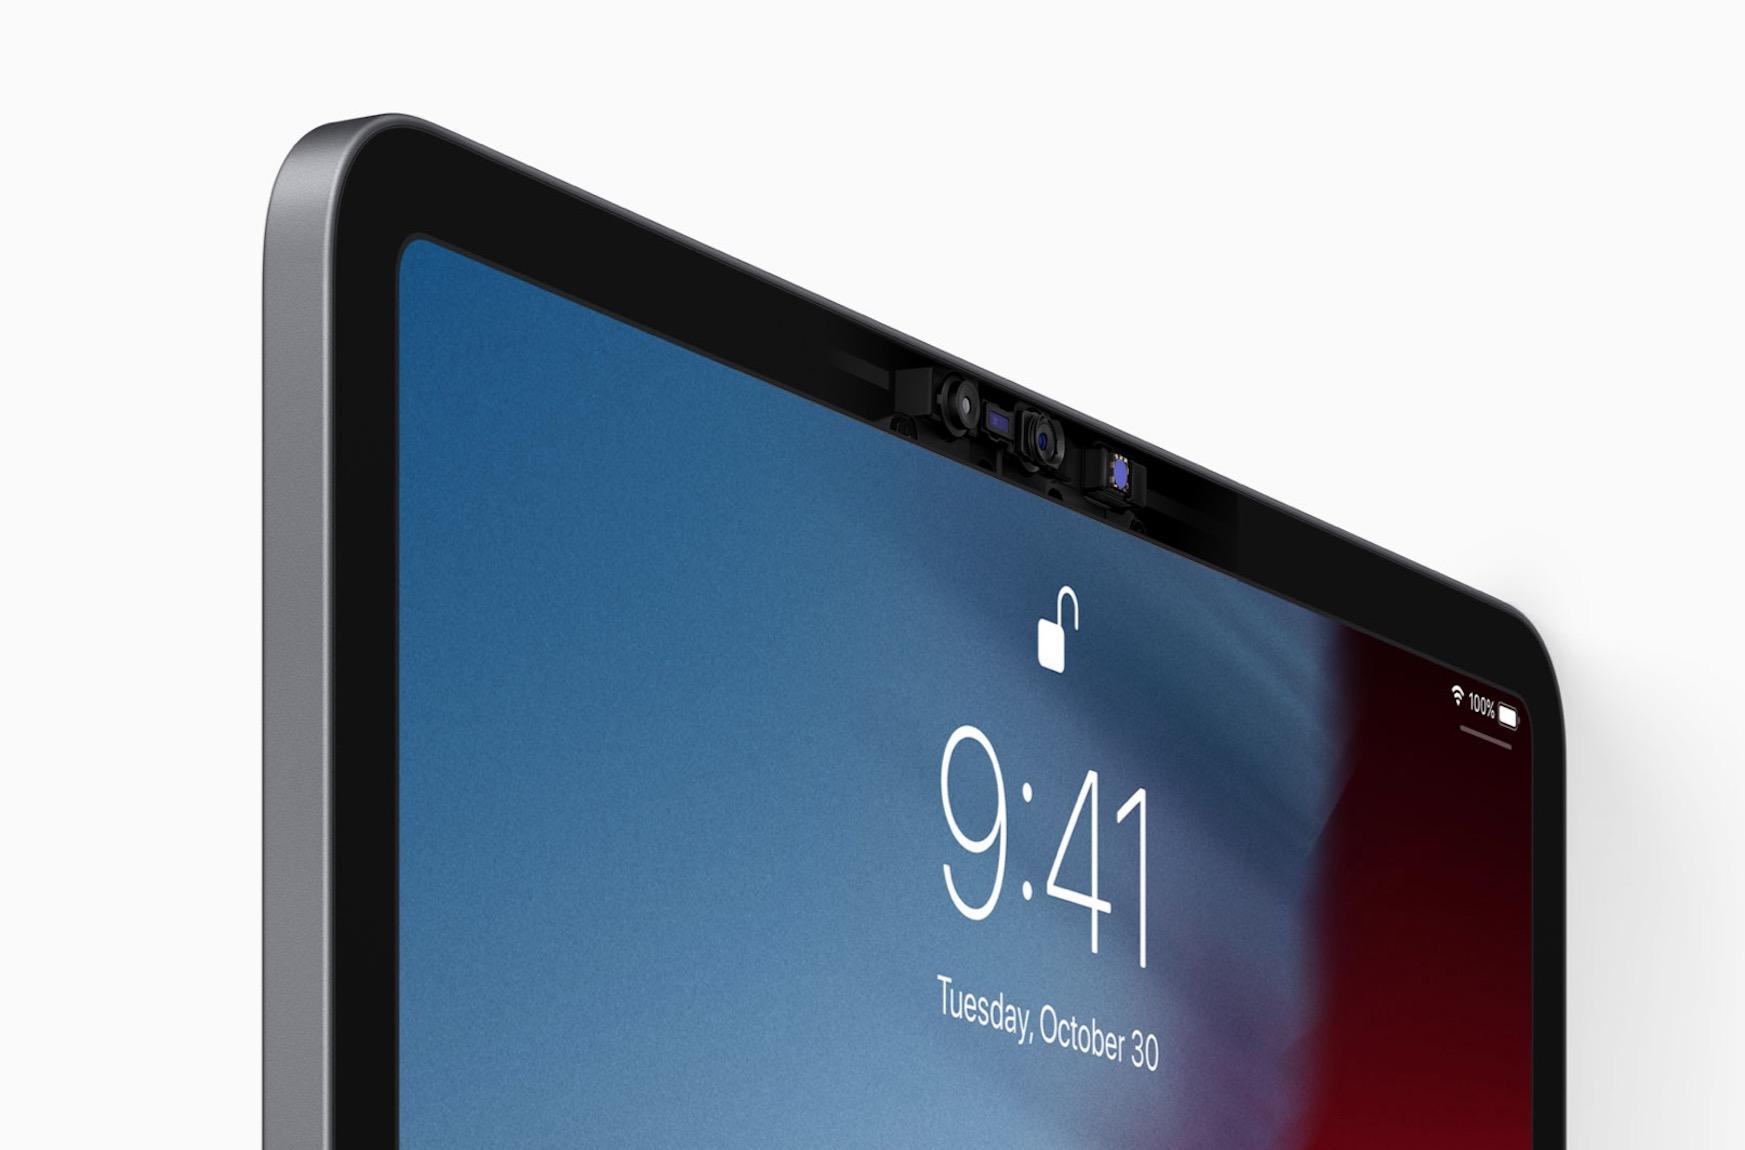 iMac 2020-k iPad Pro bezalako markoak izango ditu.  Non dago Erosi Orain botoia?